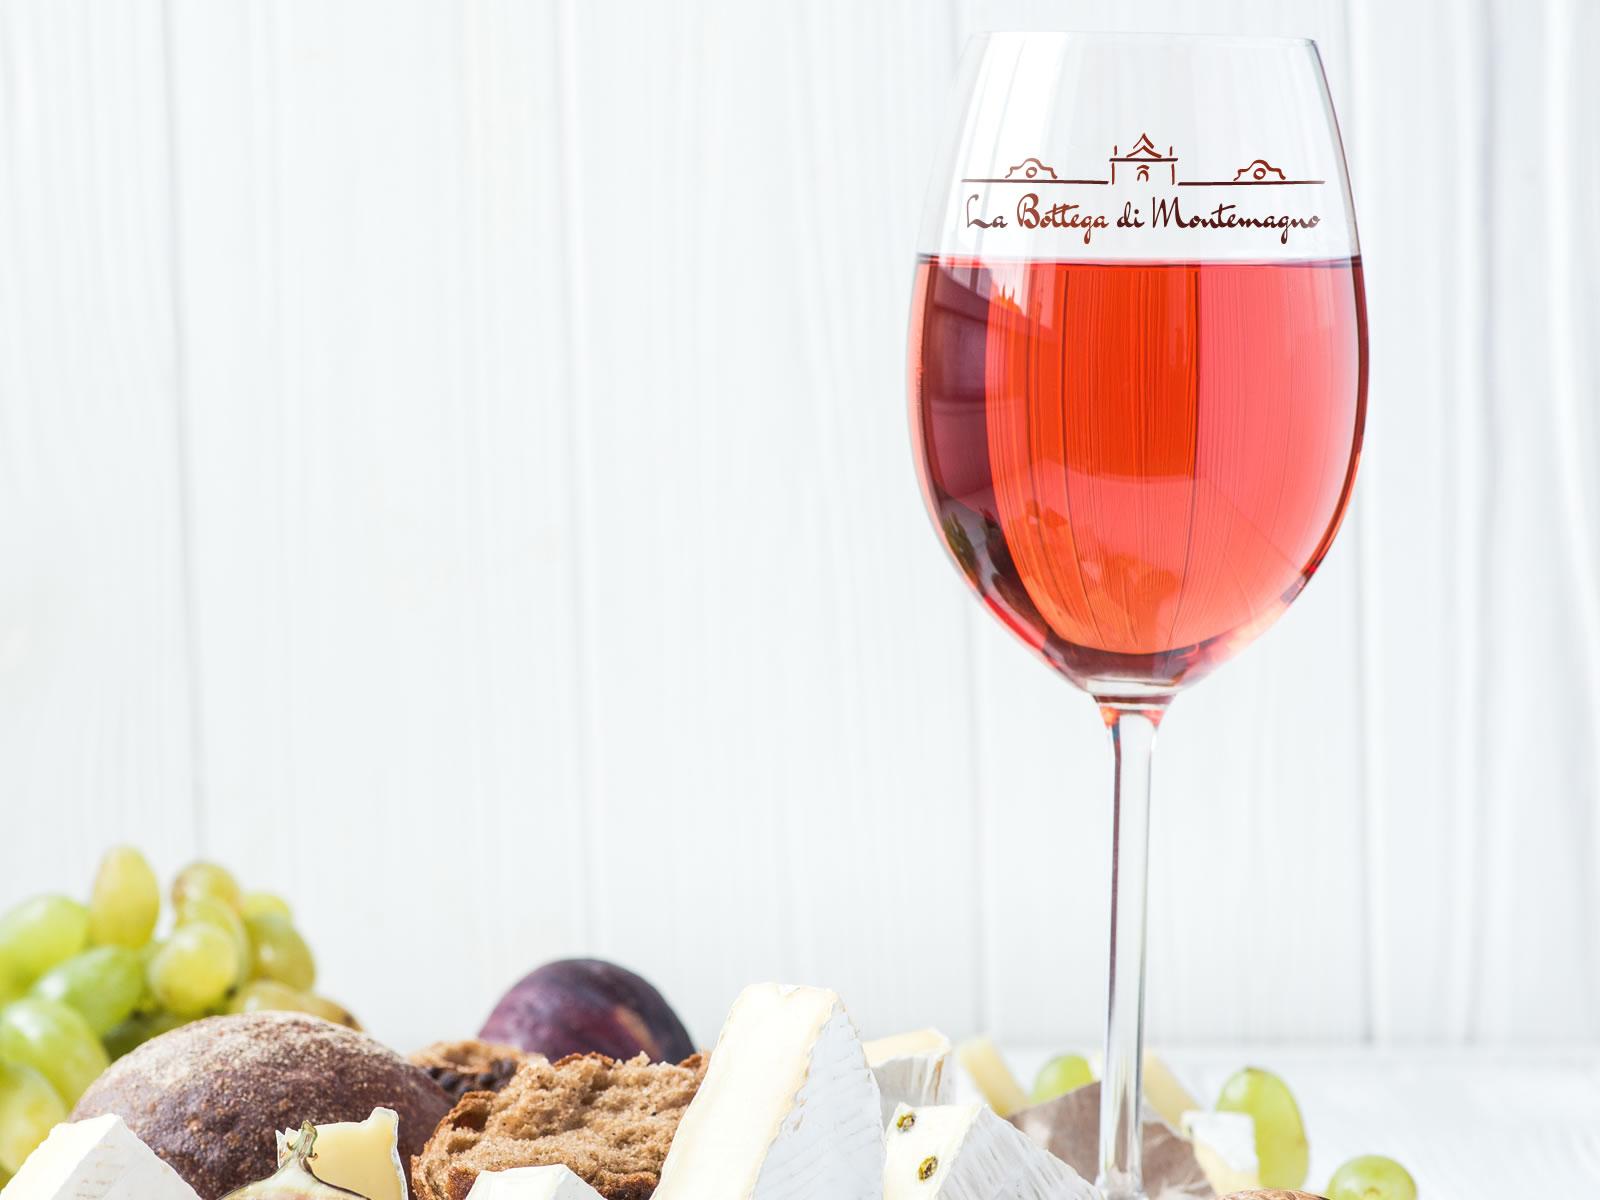 La Bottega di Montemagno - Bicchiere